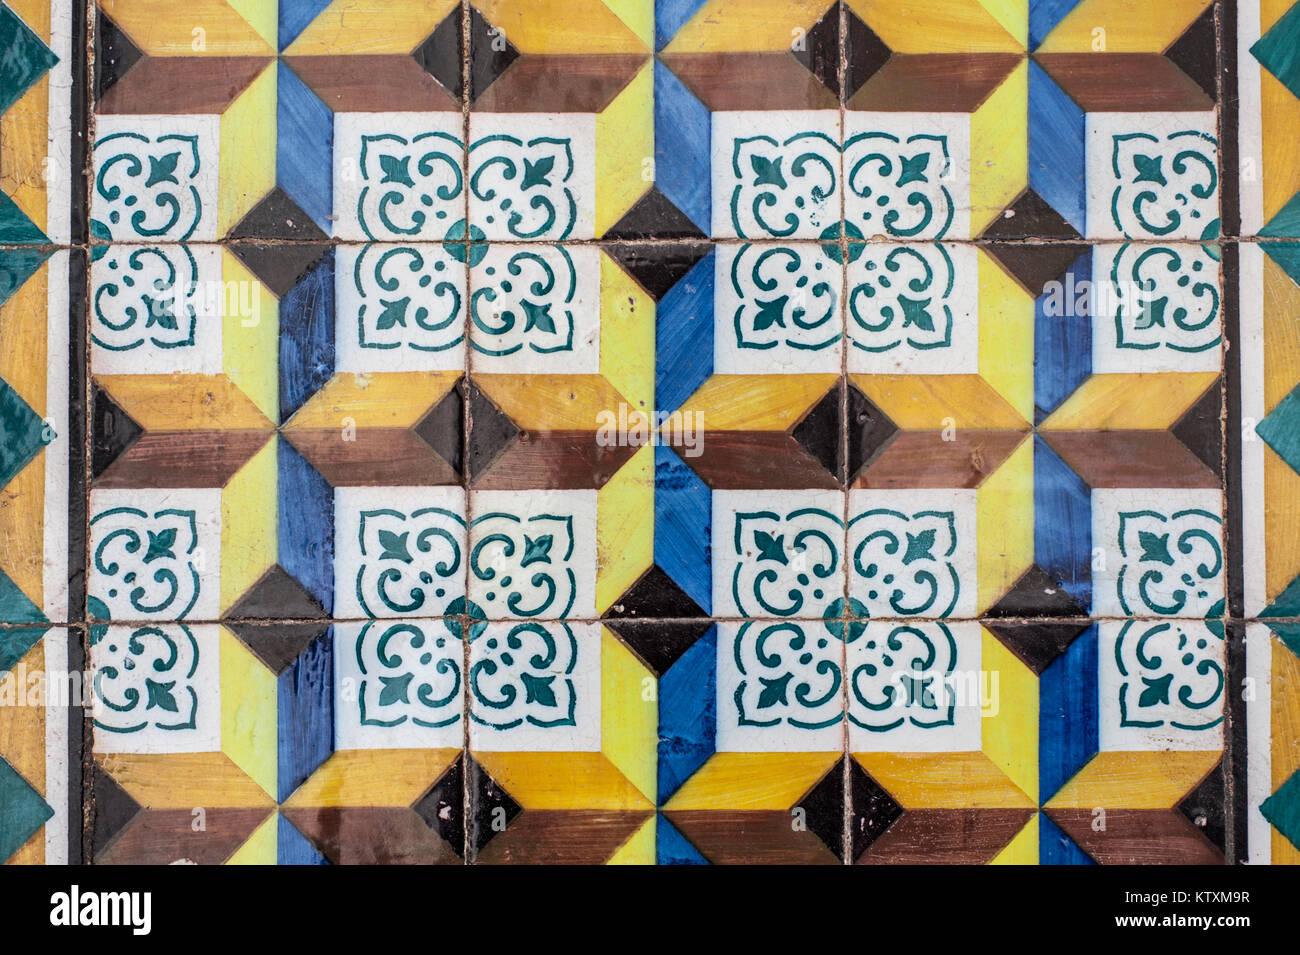 Bunte, Portugiesischen Azulejo Kacheln, Die Außenwände Eines Gebäudes In  Lissabon, Portugal, Dekorieren.